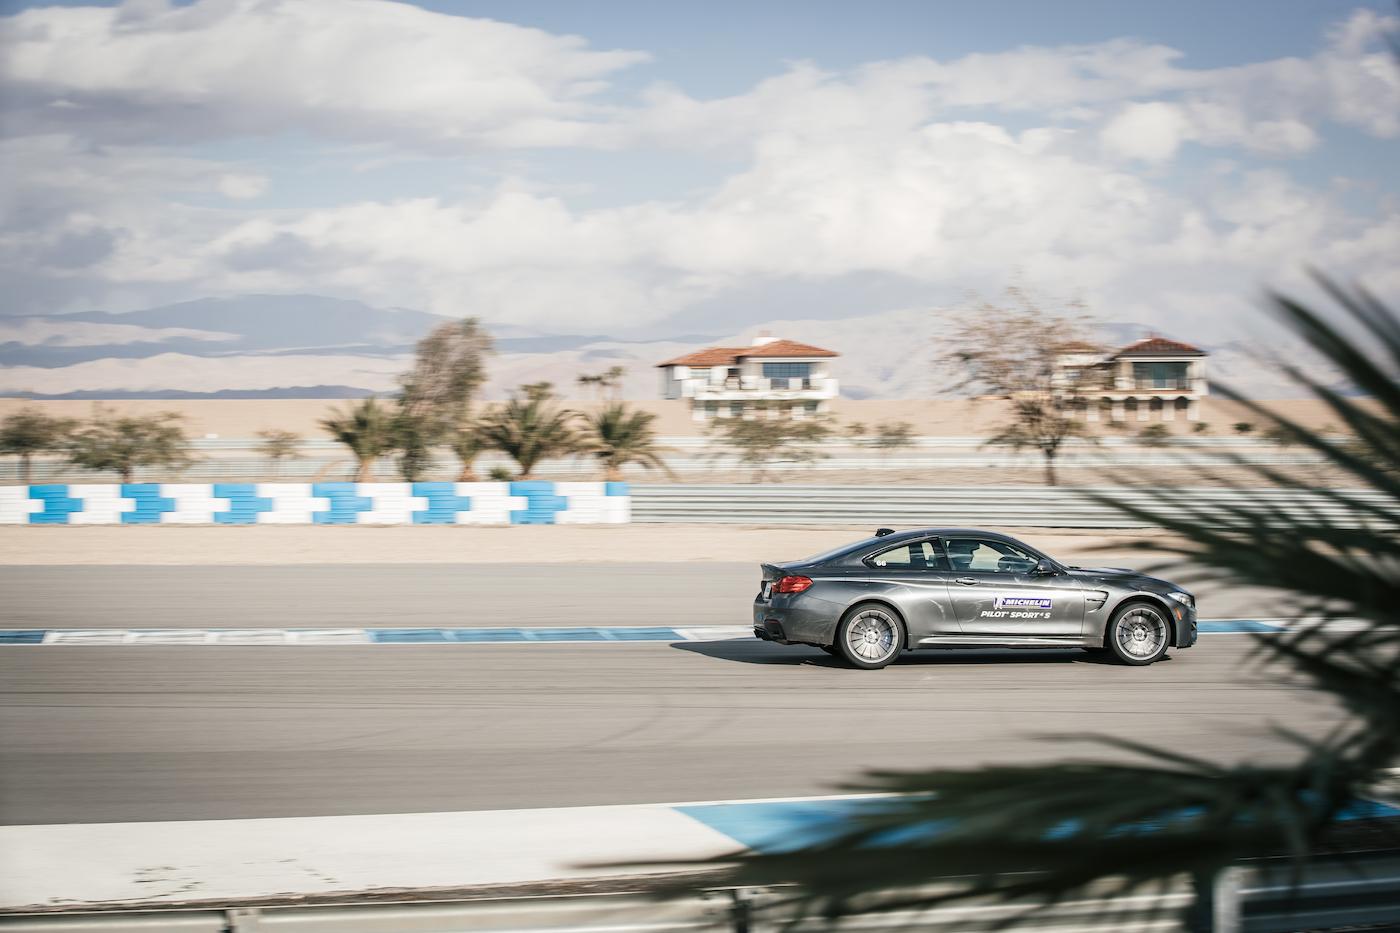 Qualmende Reifen in der kalifornischen Wüste: <br>Der Michelin Pilot Sport 4 S 11